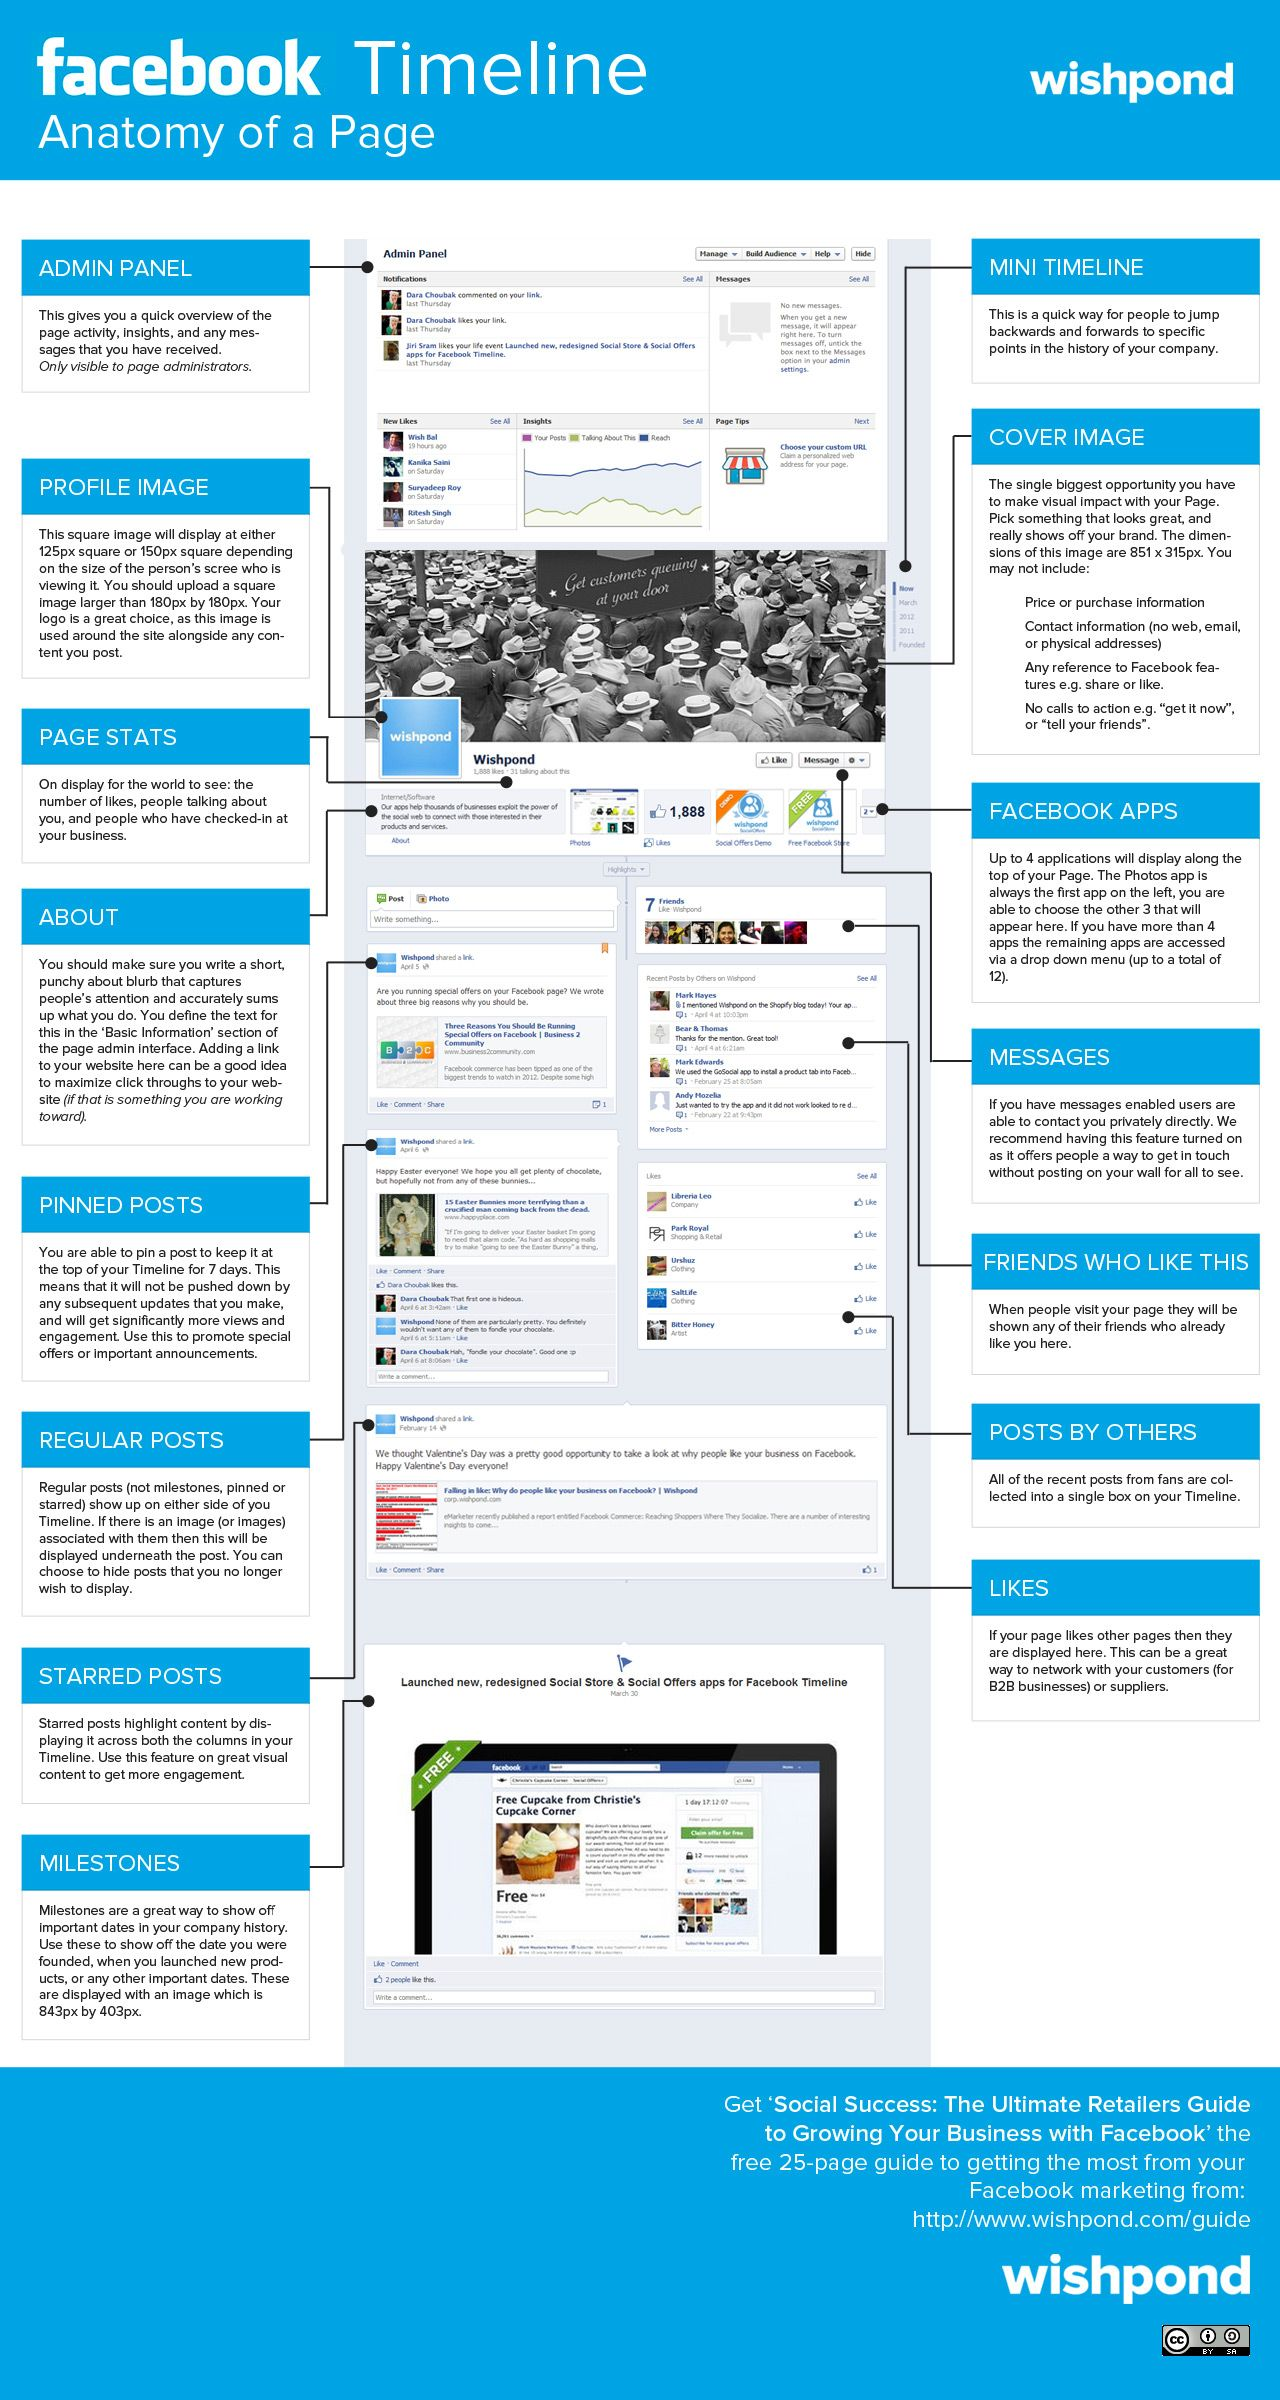 Anatomía de una página de FaceBook #infografia #infographic #socialmedia